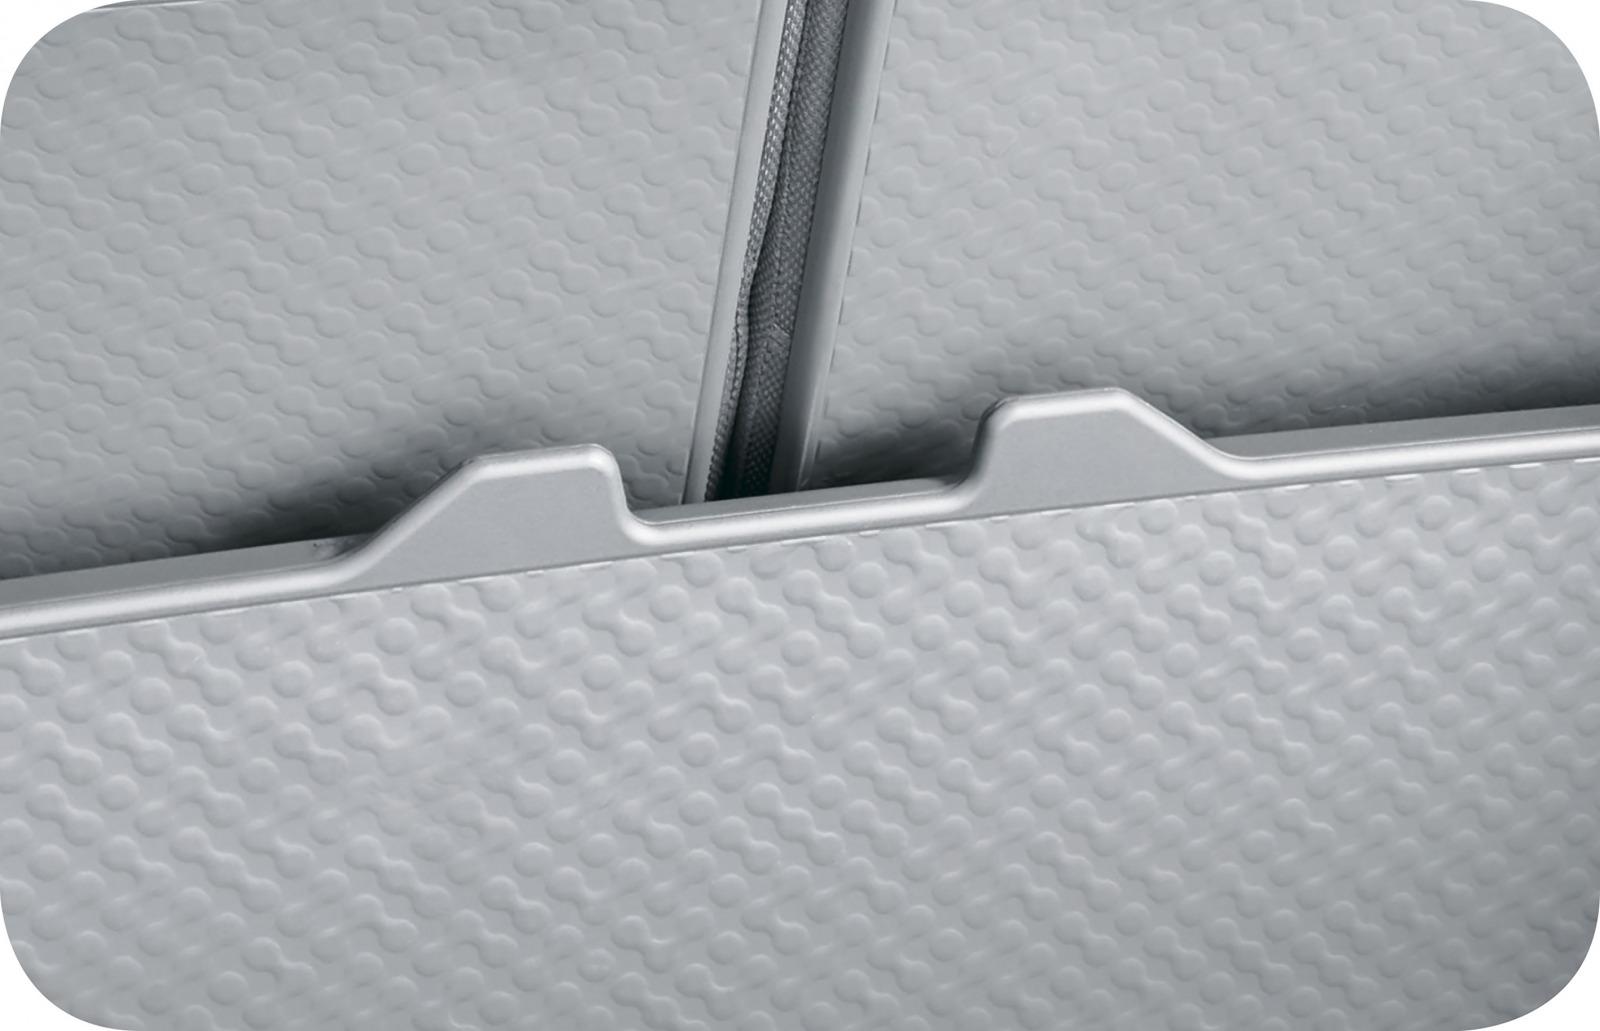 「新型ダイハツ・タフトは標準装備の「スカイフィールトップ」が圧倒的な開放感をもたらす」の14枚目の画像